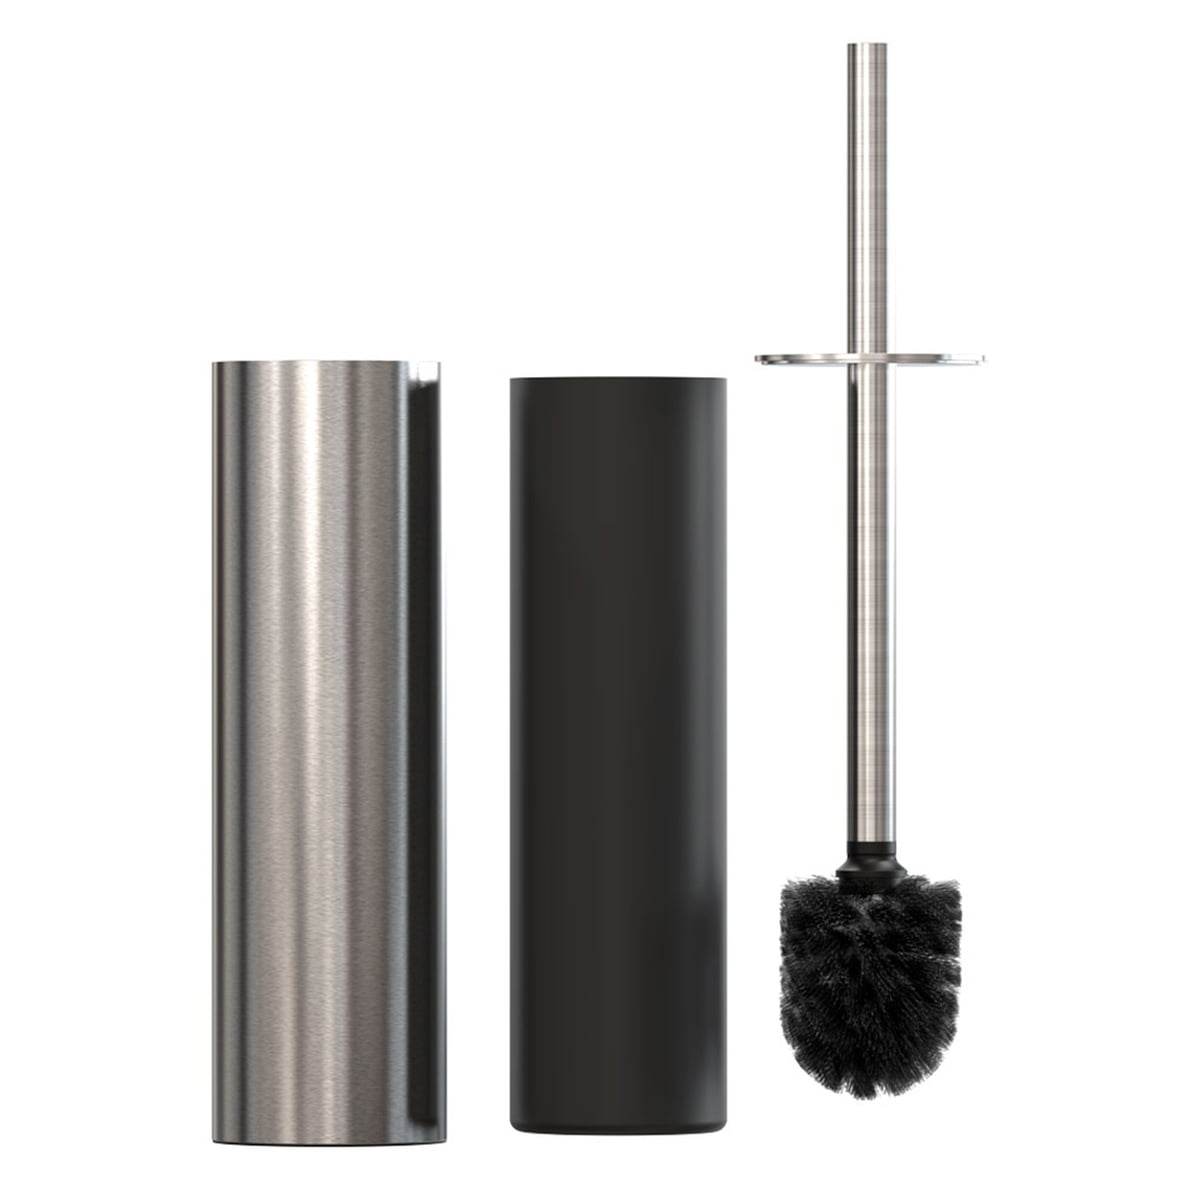 nova 2 toilettenpapierhalter und wc b rste von frost. Black Bedroom Furniture Sets. Home Design Ideas